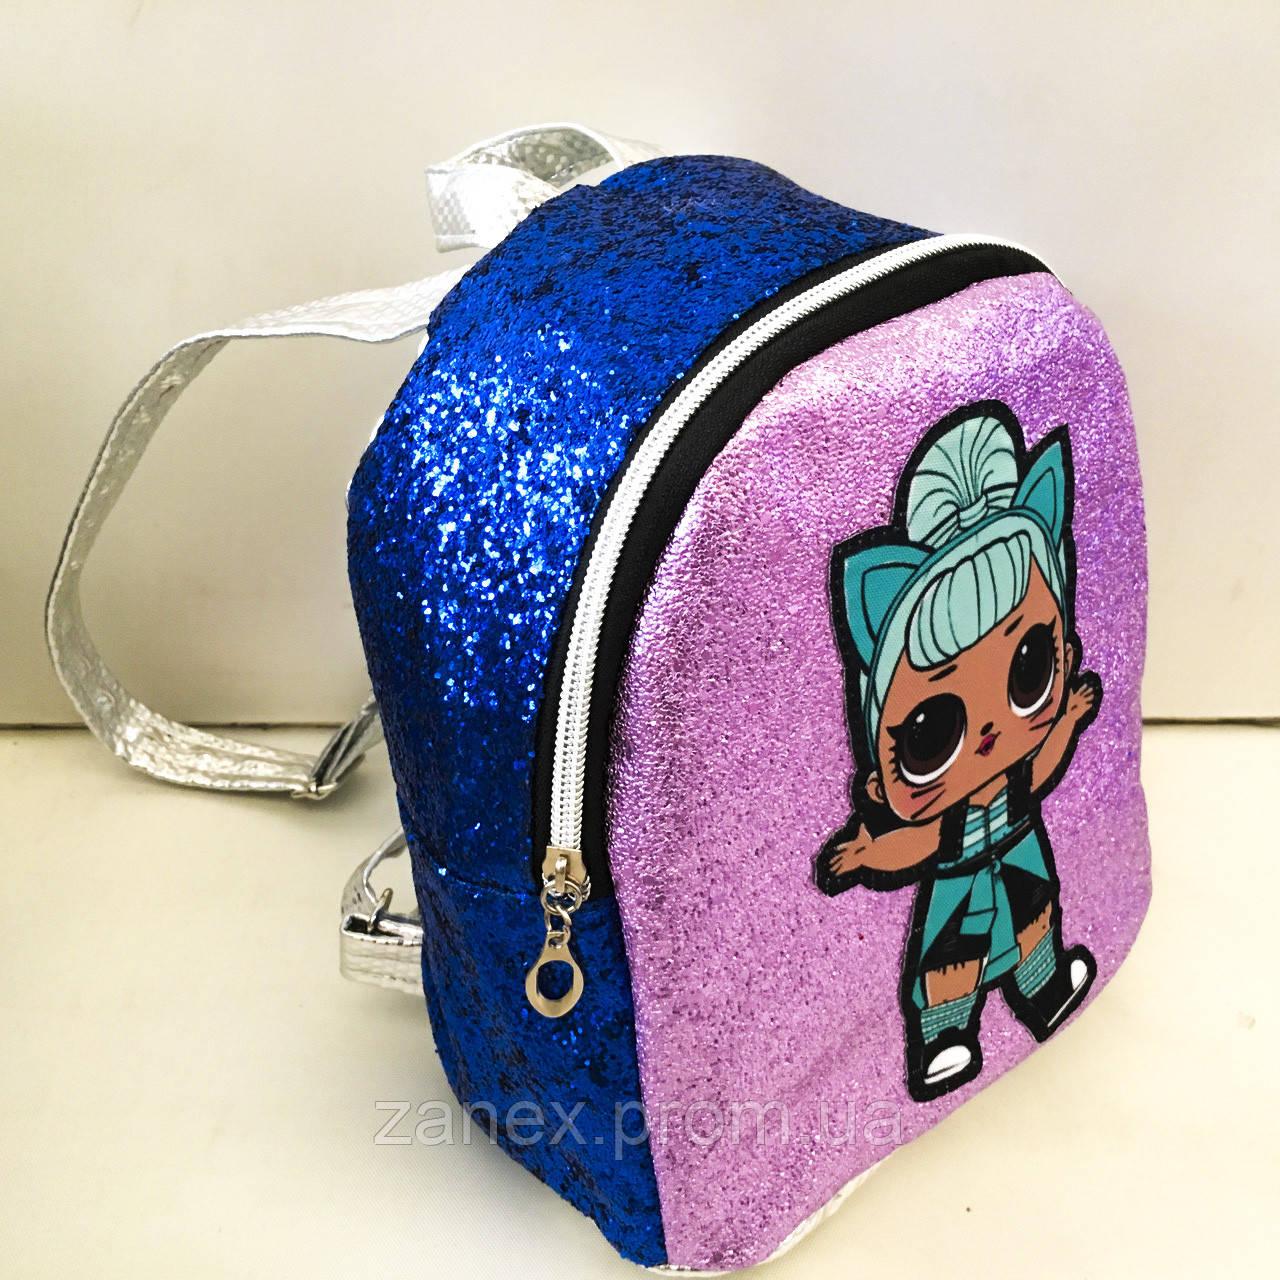 Женский синий + розовый рюкзак Zanex из эко-кожи с куклой LOL Sisters 20 х 21 см